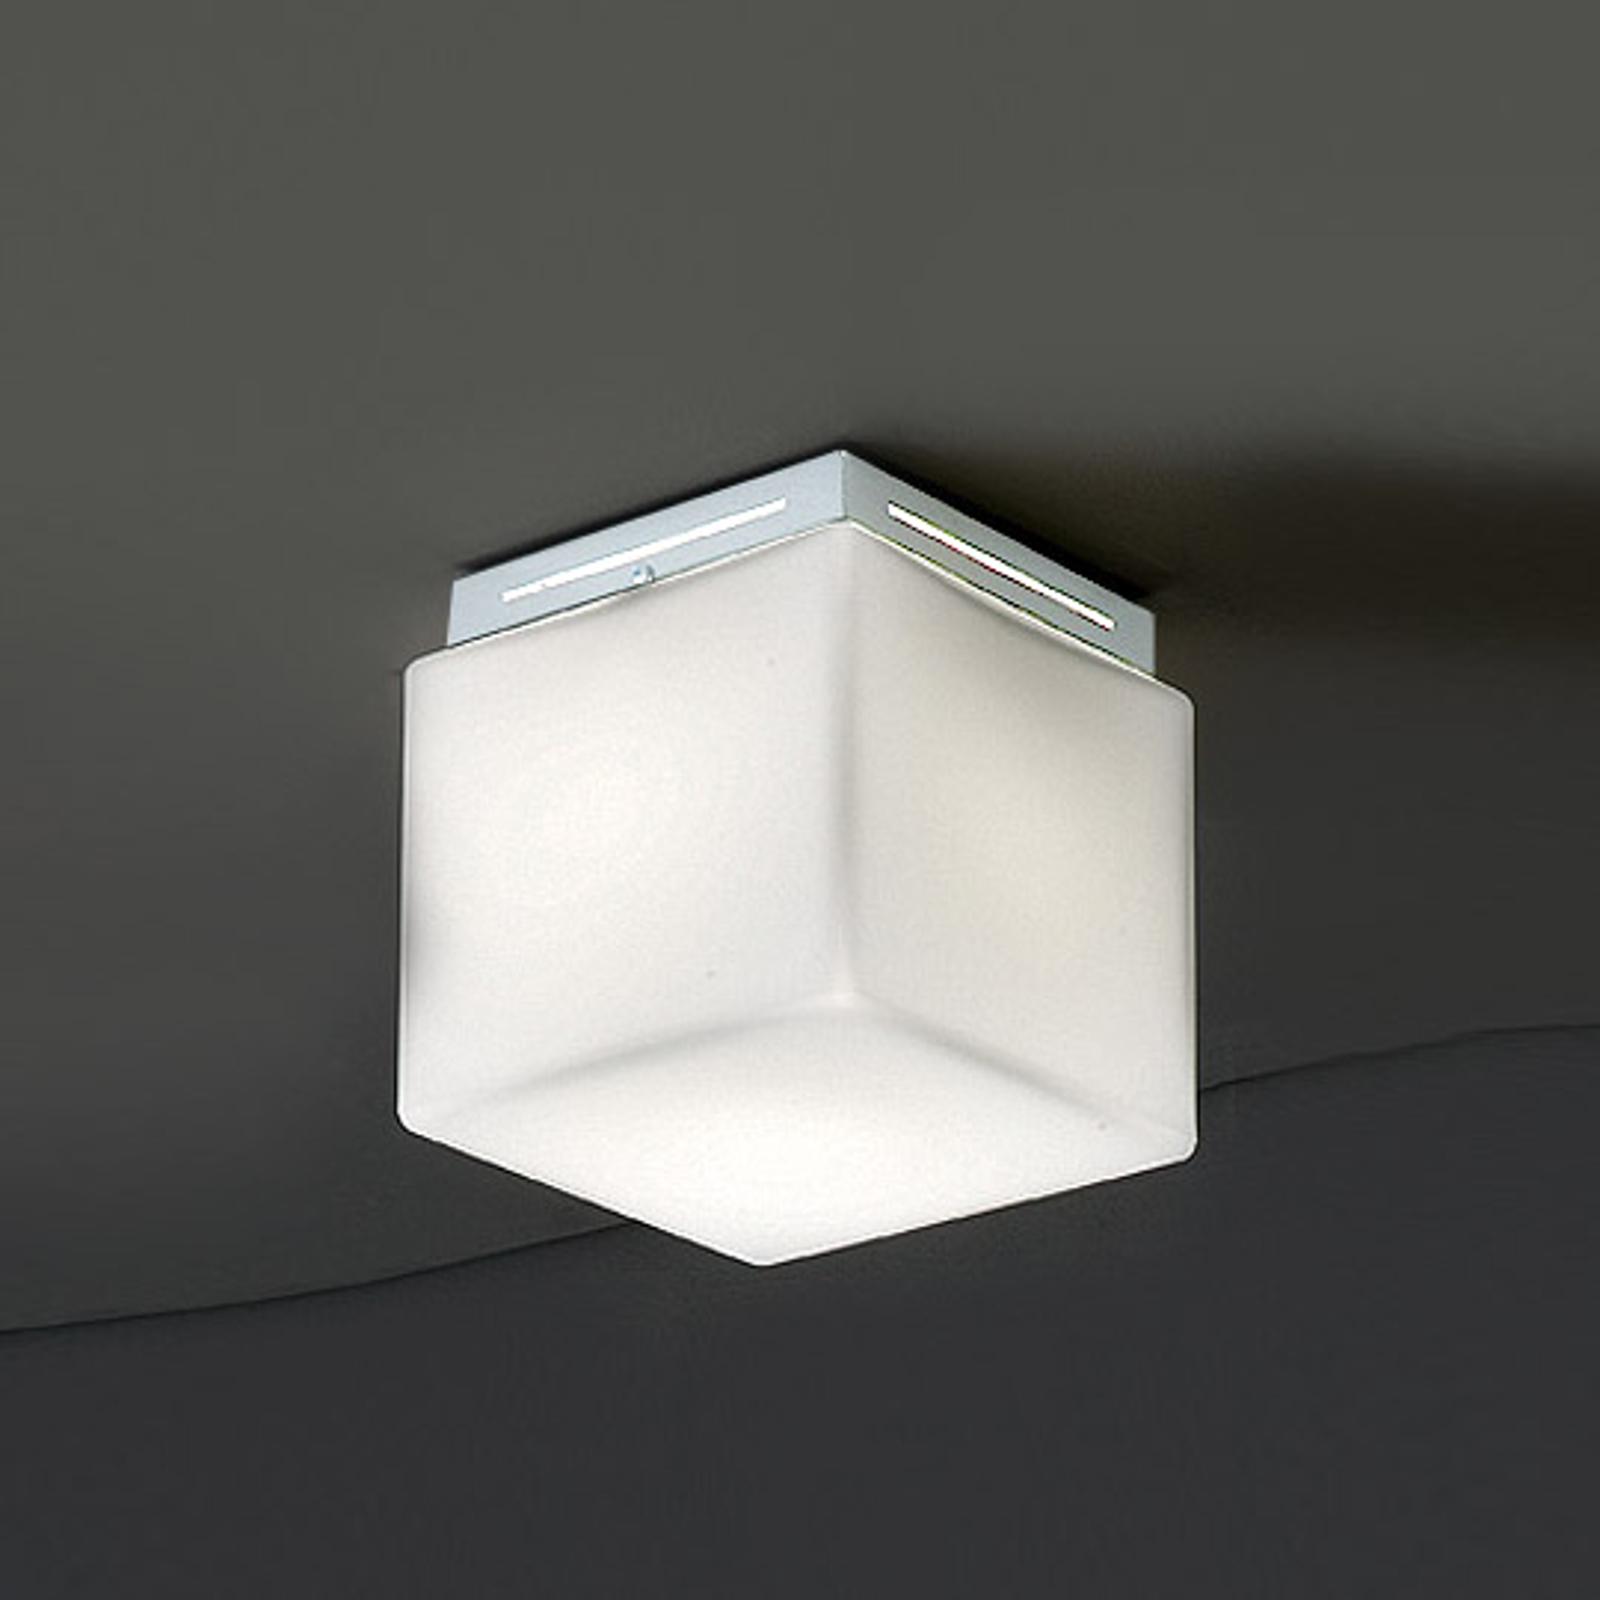 Bílé stropní světlo Cubis